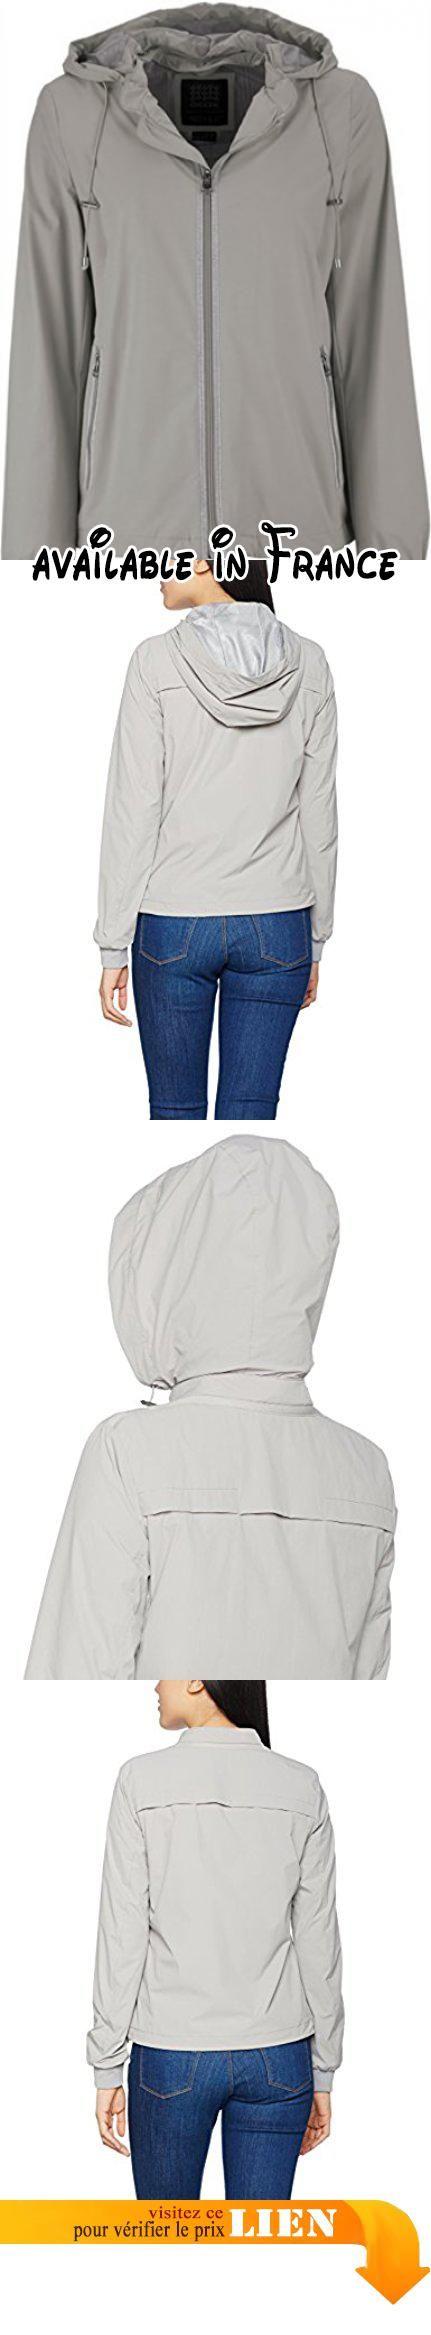 3294504f9dd Geox Woman Jacket, Blouson Femme, Grau (Sesame Grey F1400), 44 ...